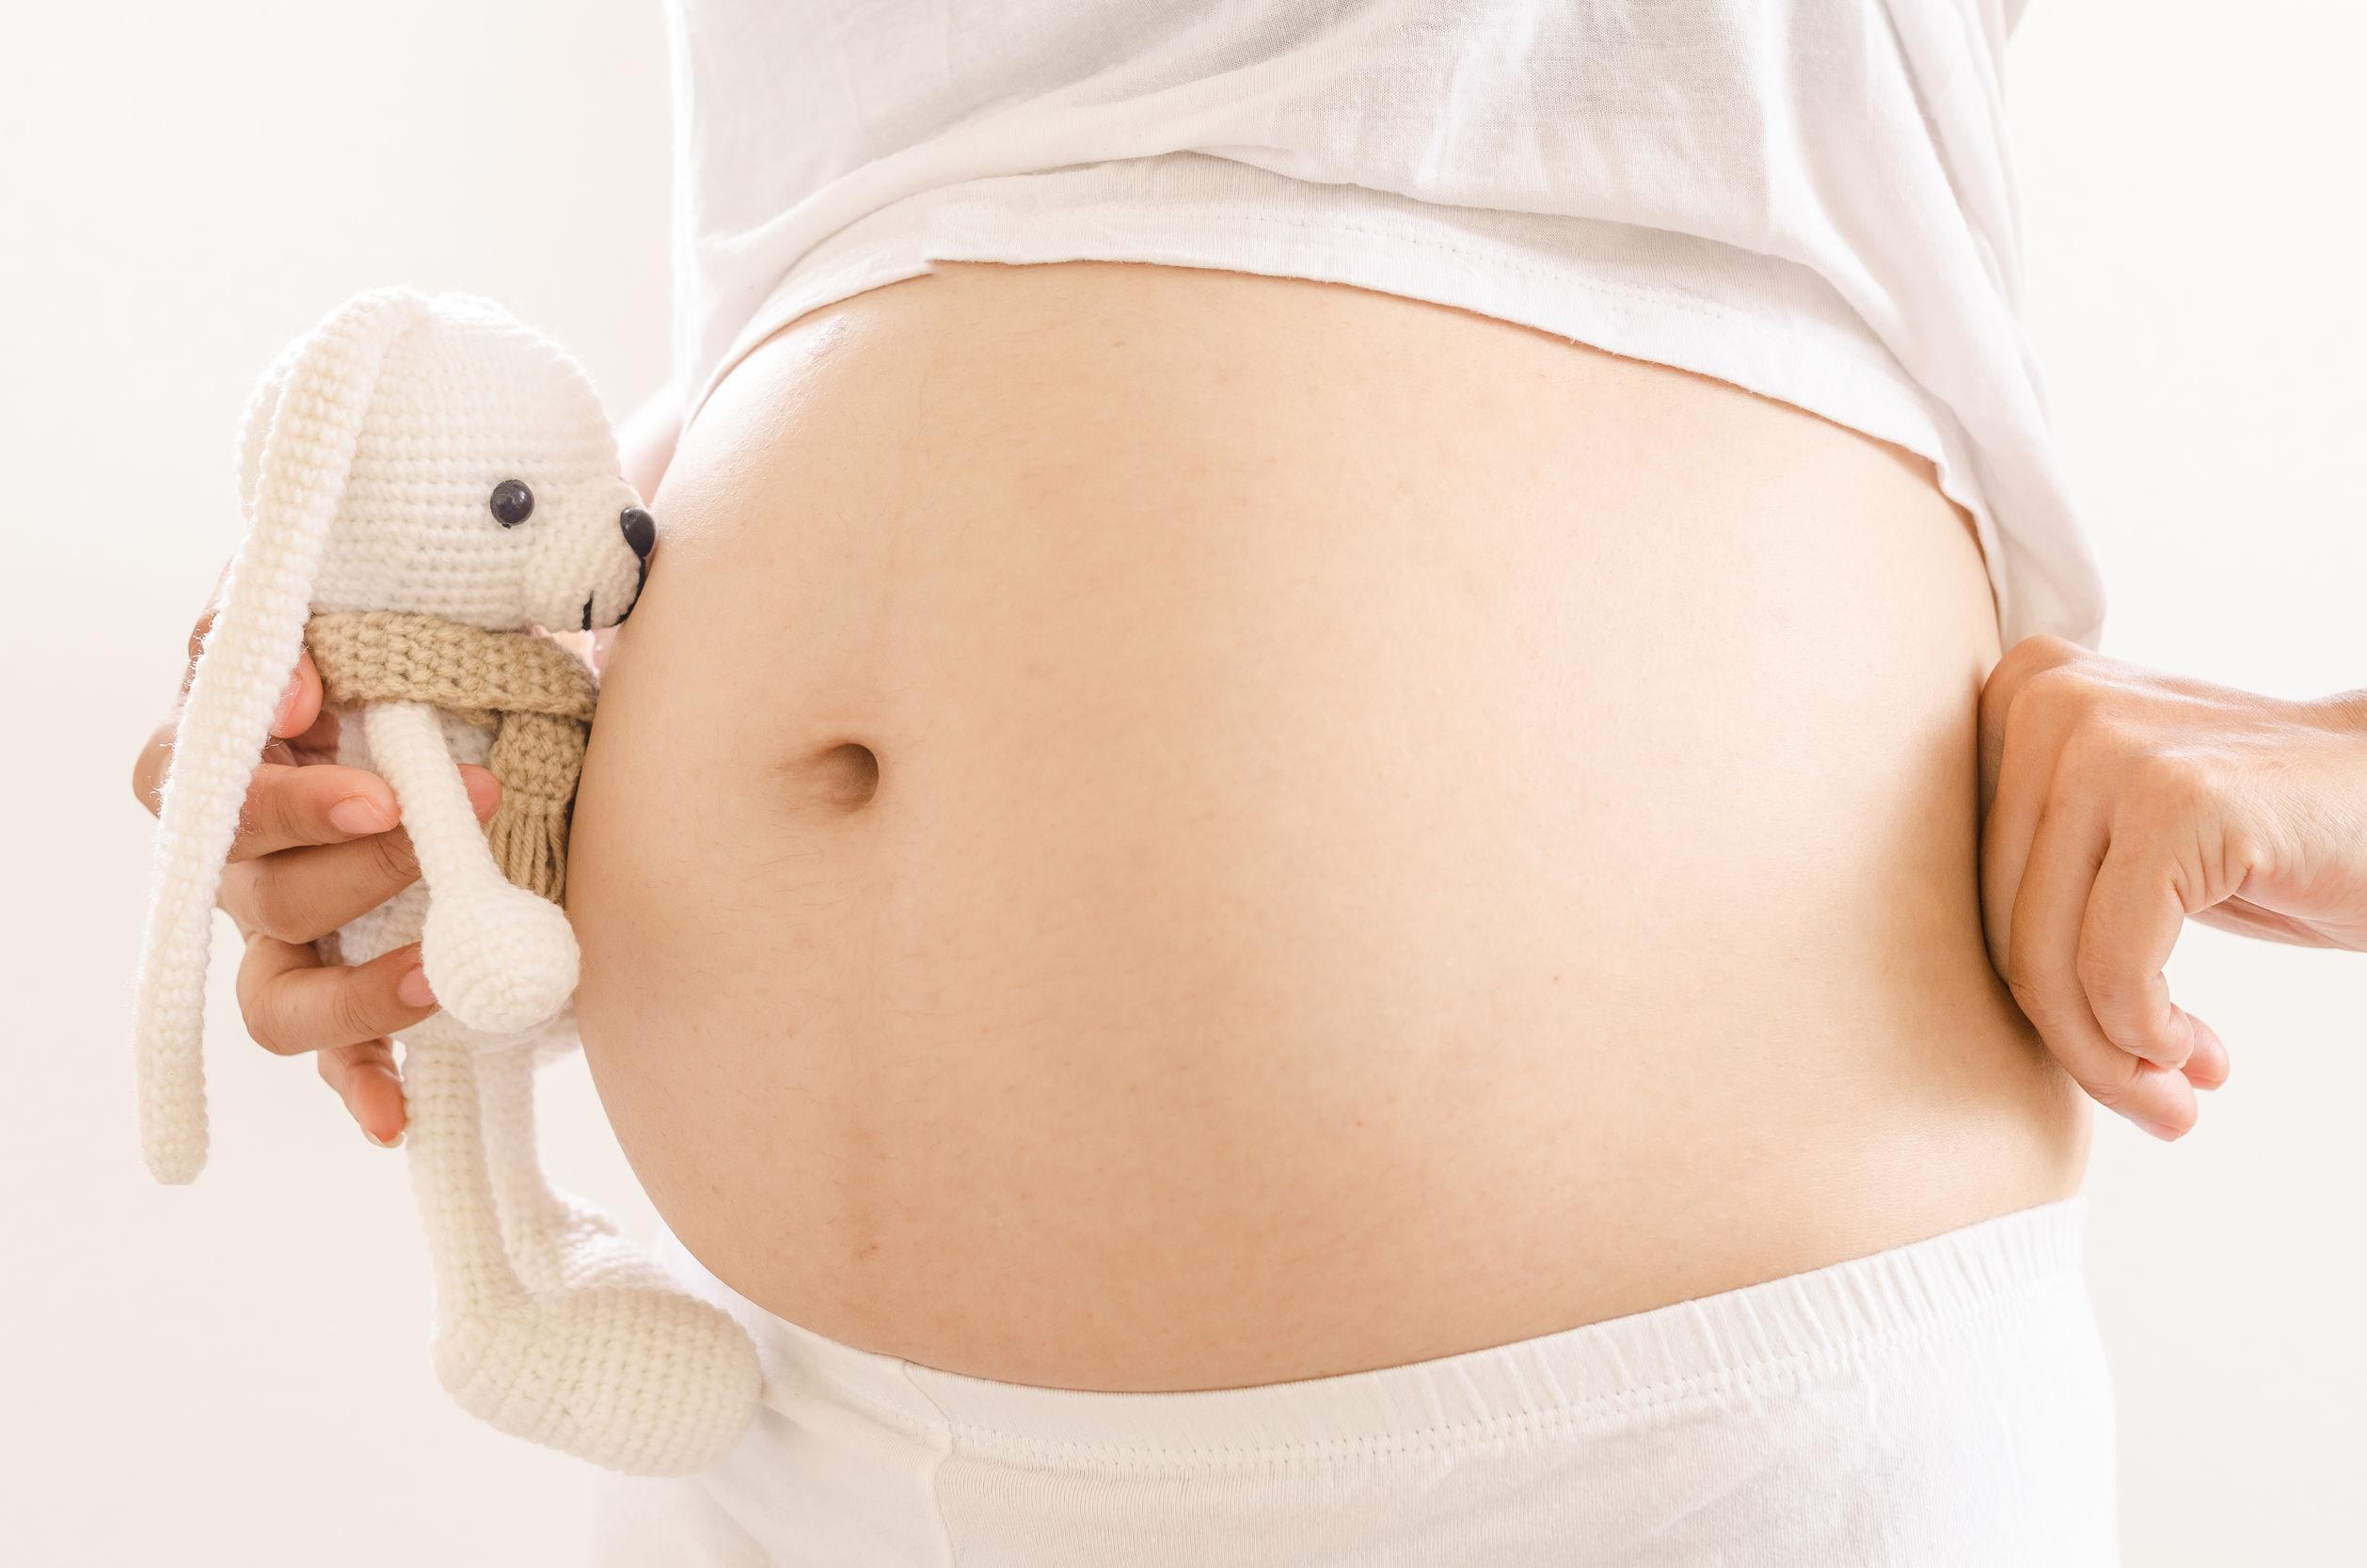 唐氏儿为什么爱找这几种妈妈?这三种孕期检查让你提前避开